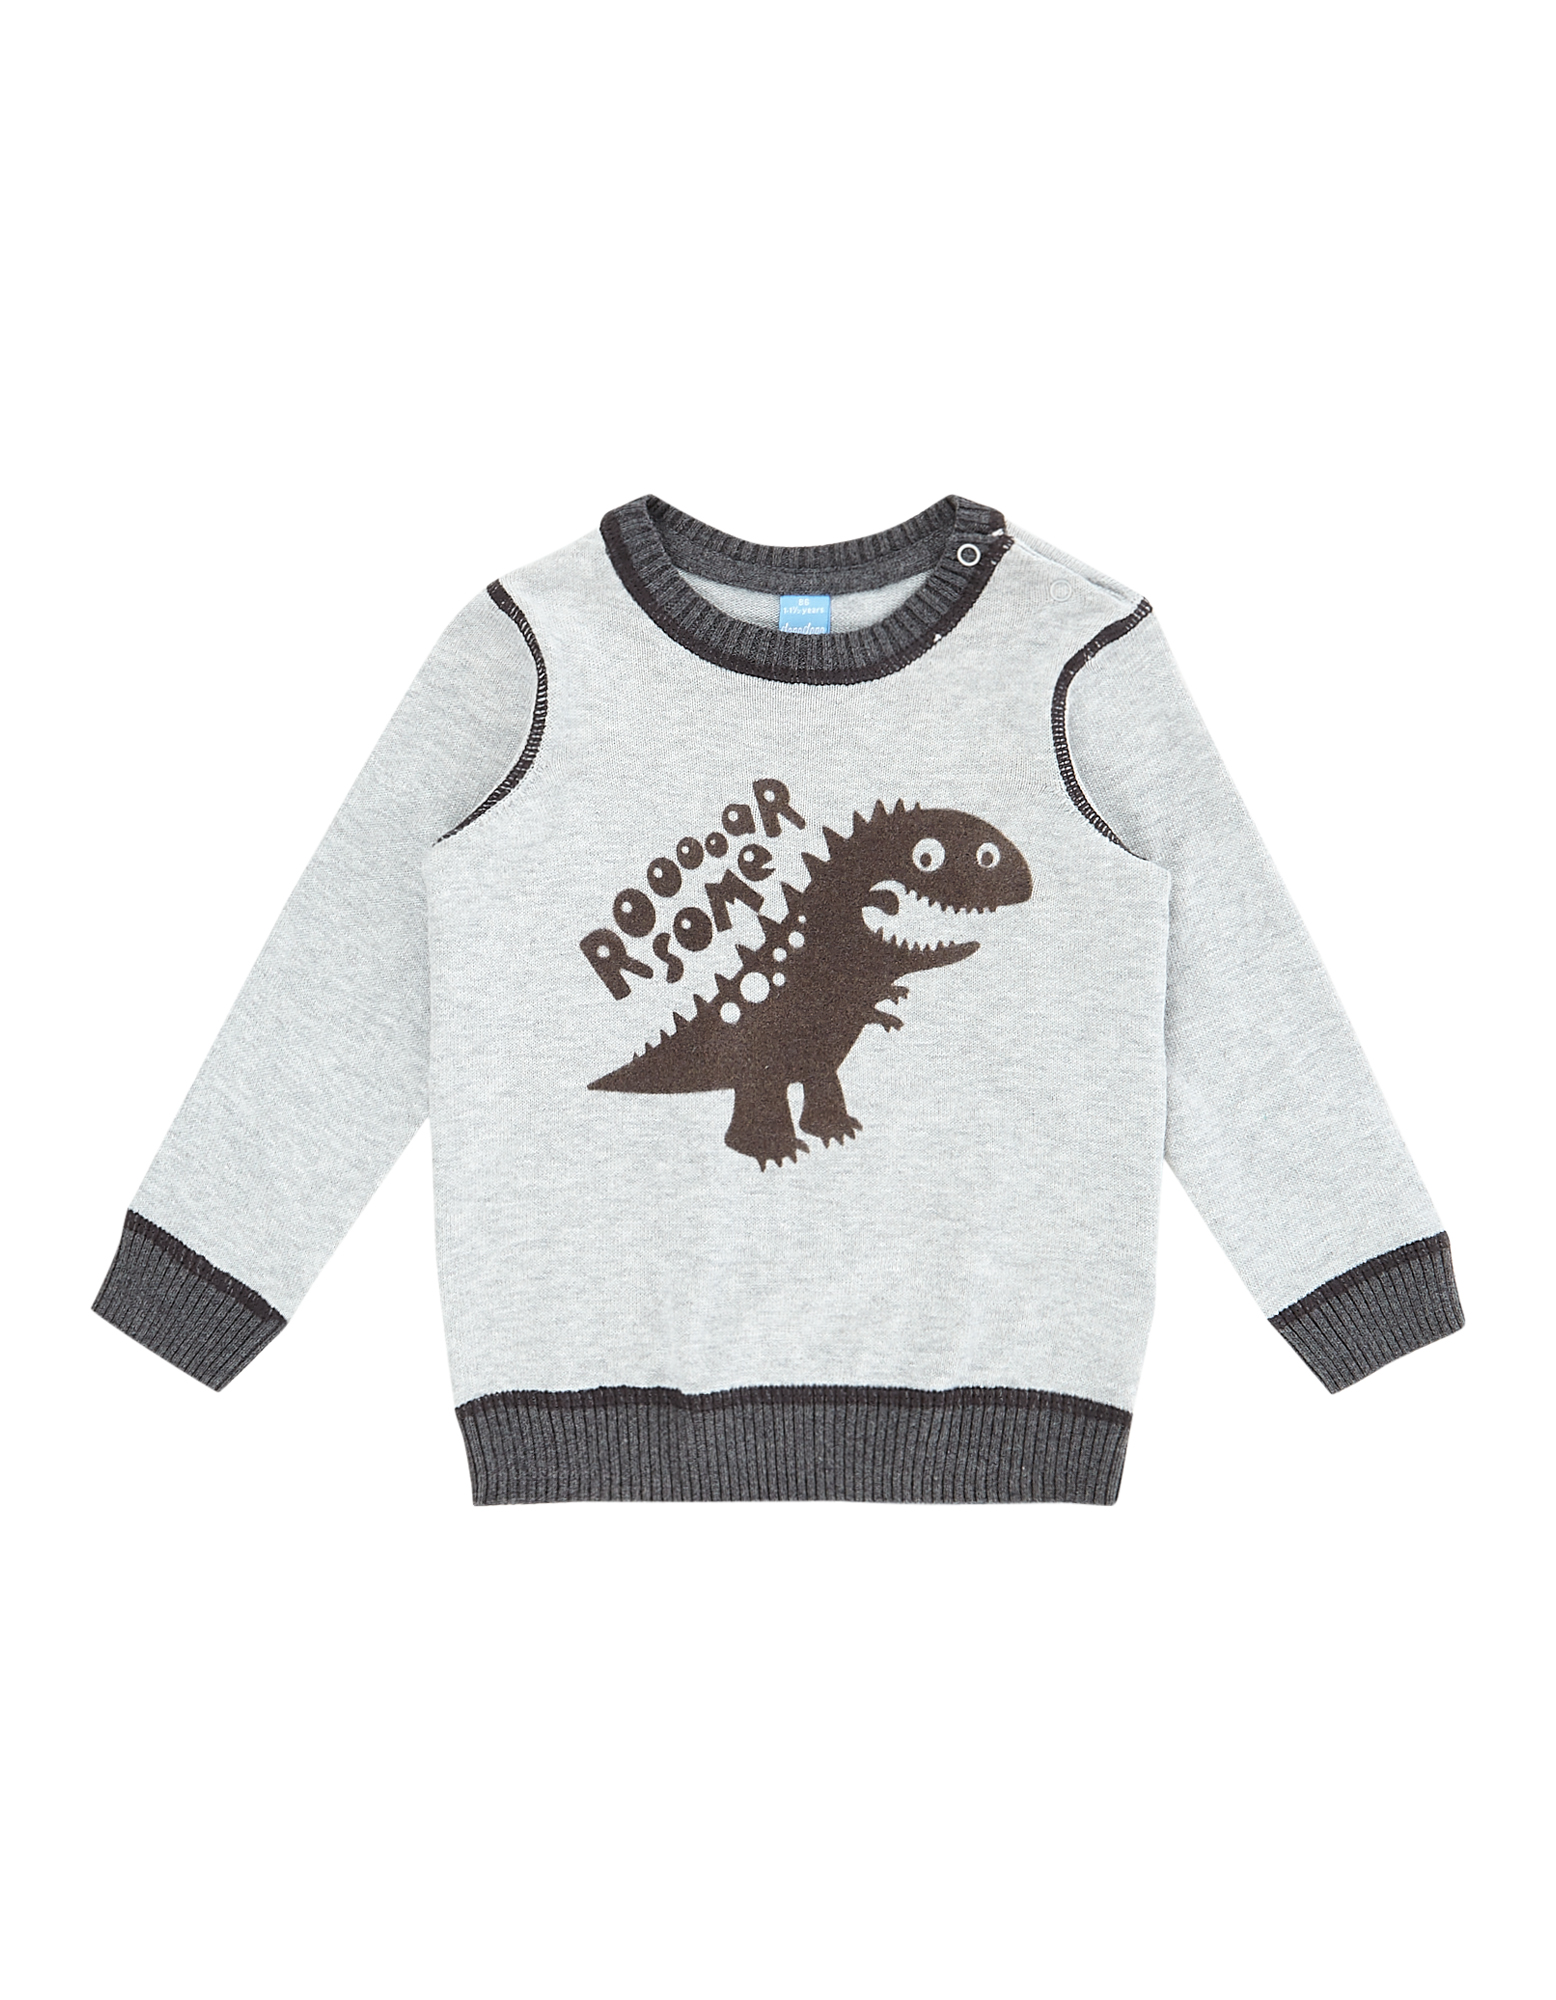 Baby Strickpullover mit Dinosaurier-Flockprint  | 81530021370509